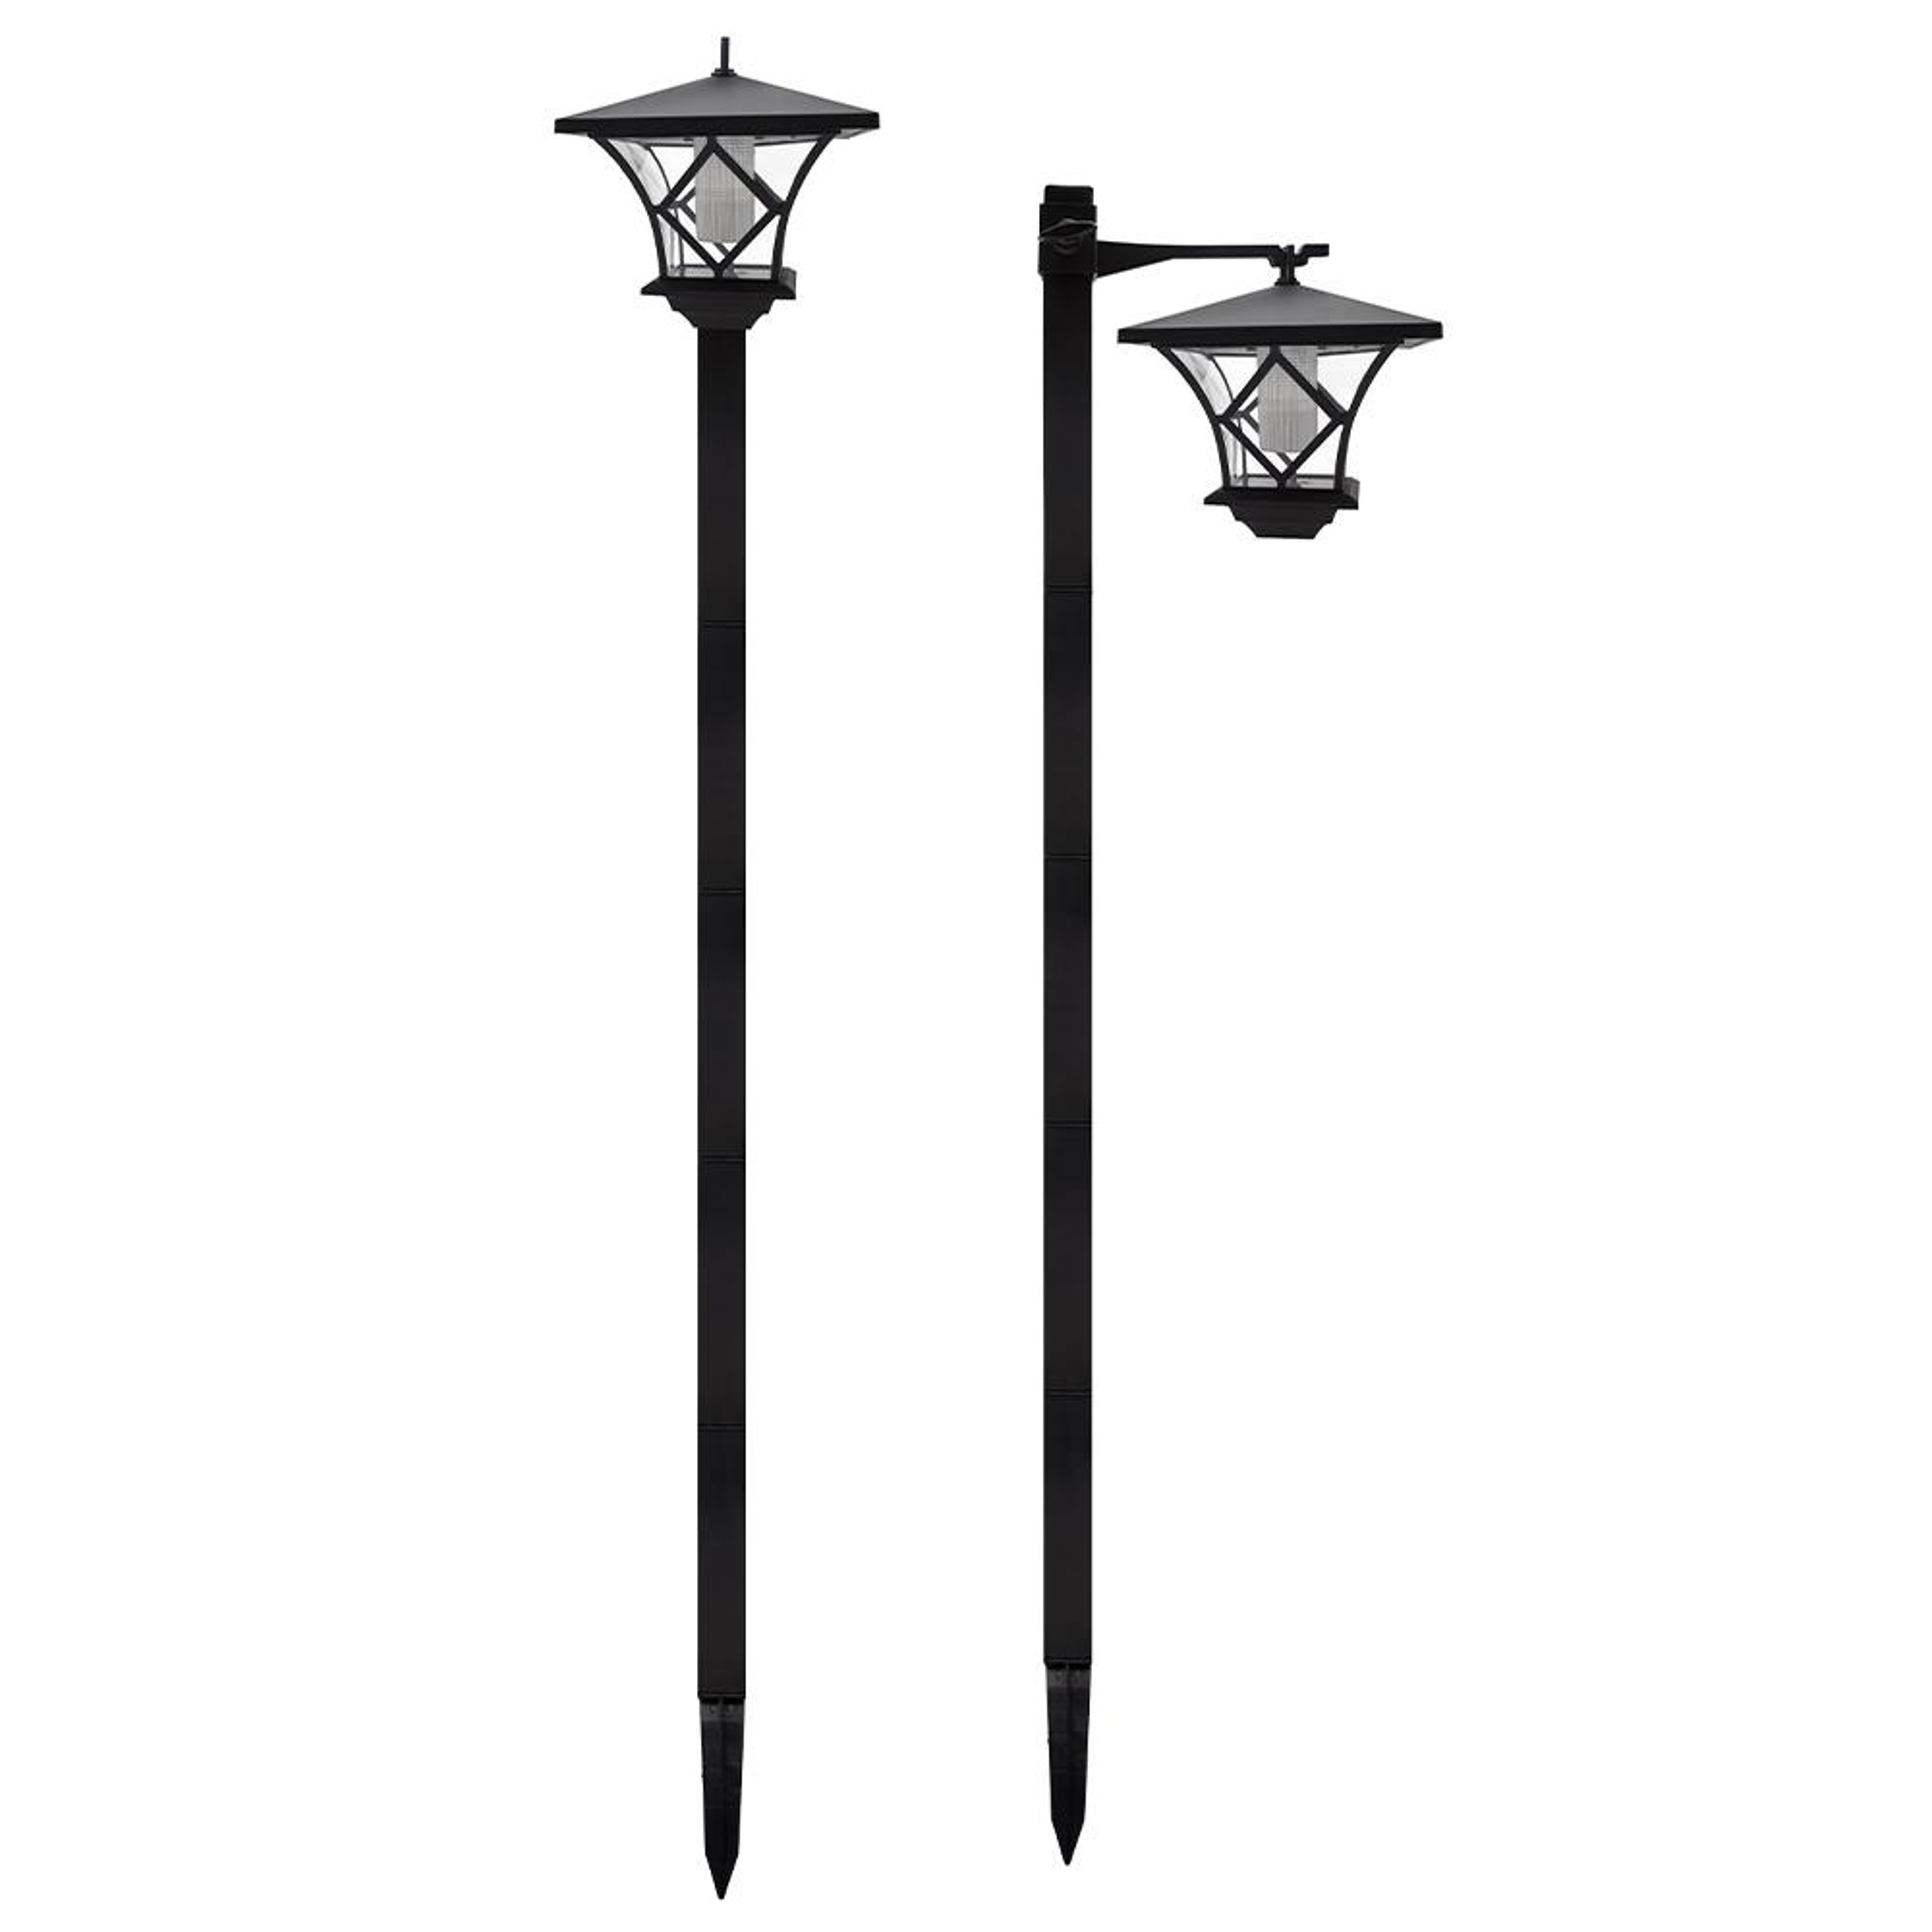 BRIXTON - Lot de 2 lampadaires solaires plastique noir H115cm